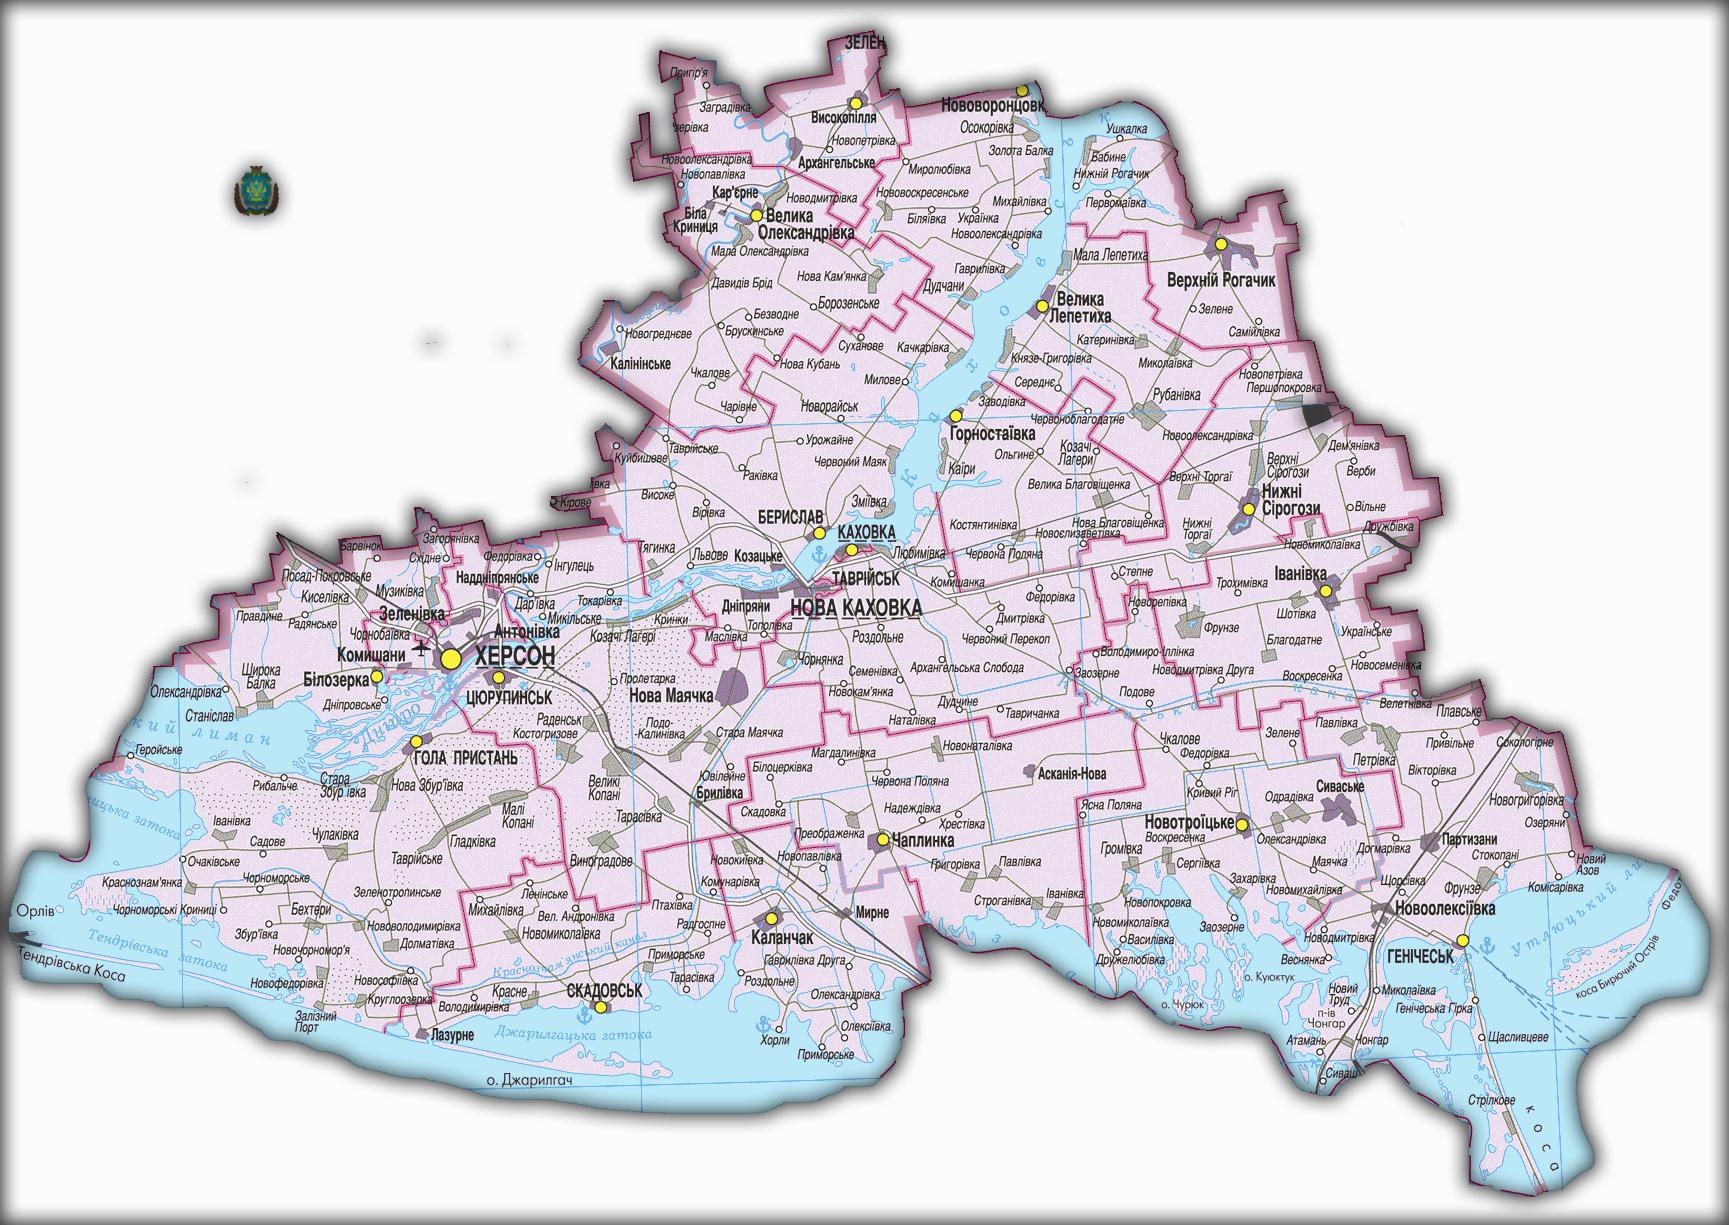 Топографическая карта Херсонской области